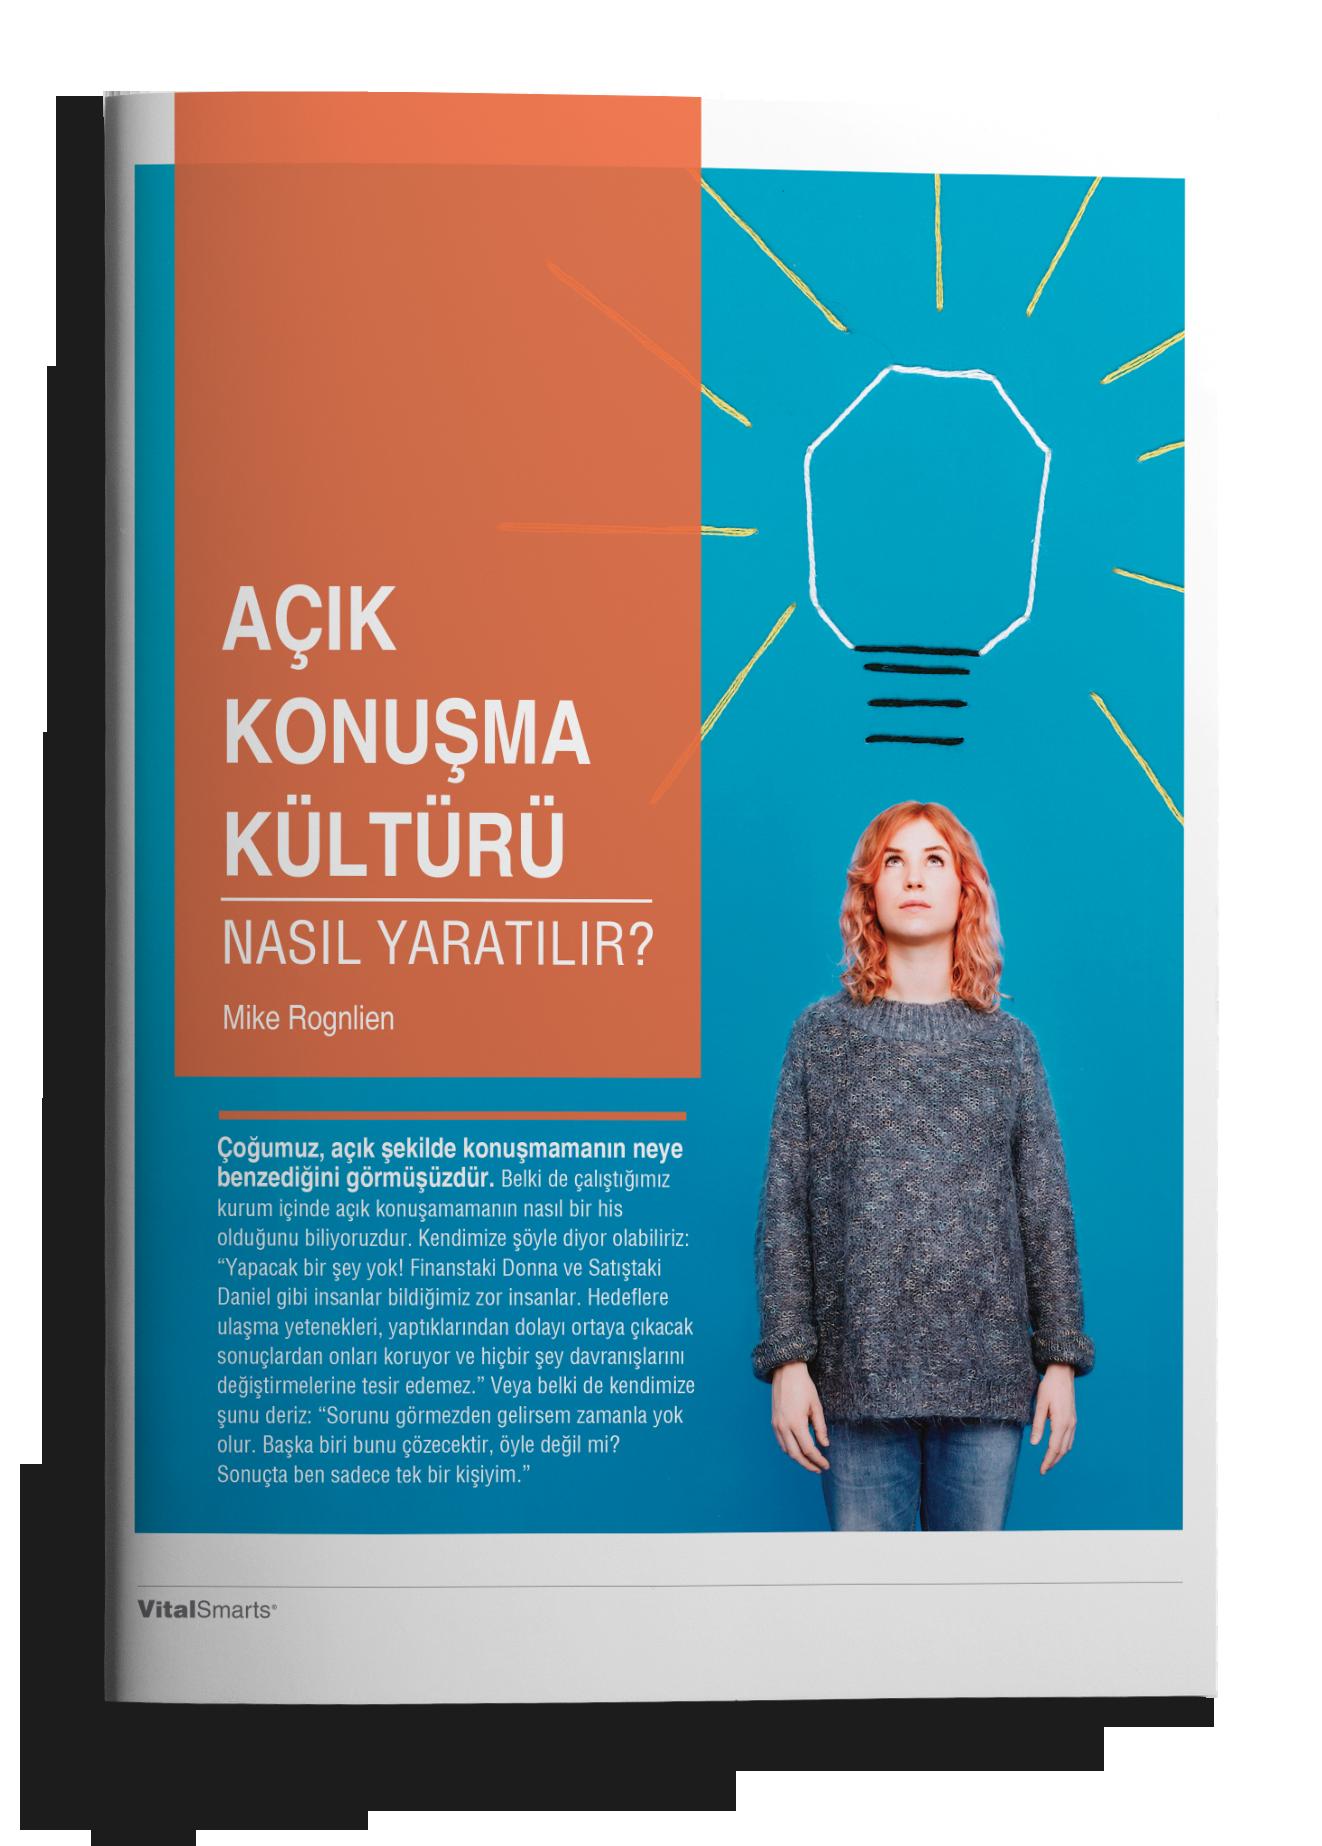 açık_konuşma_kültürü_mockup